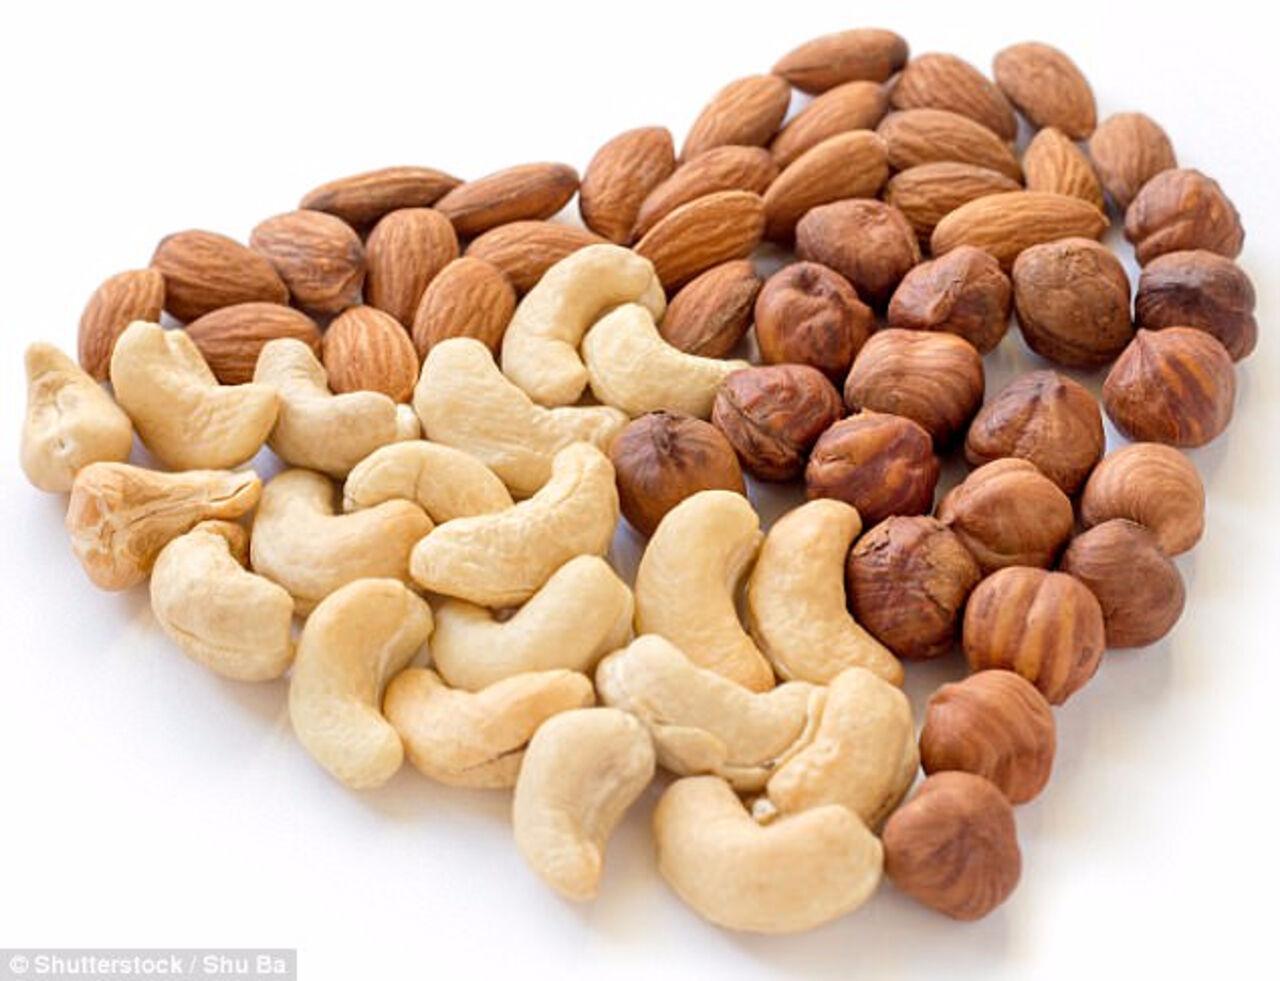 Орехи иарахис понижают  риск развития сердечно-сосудистых заболеваний